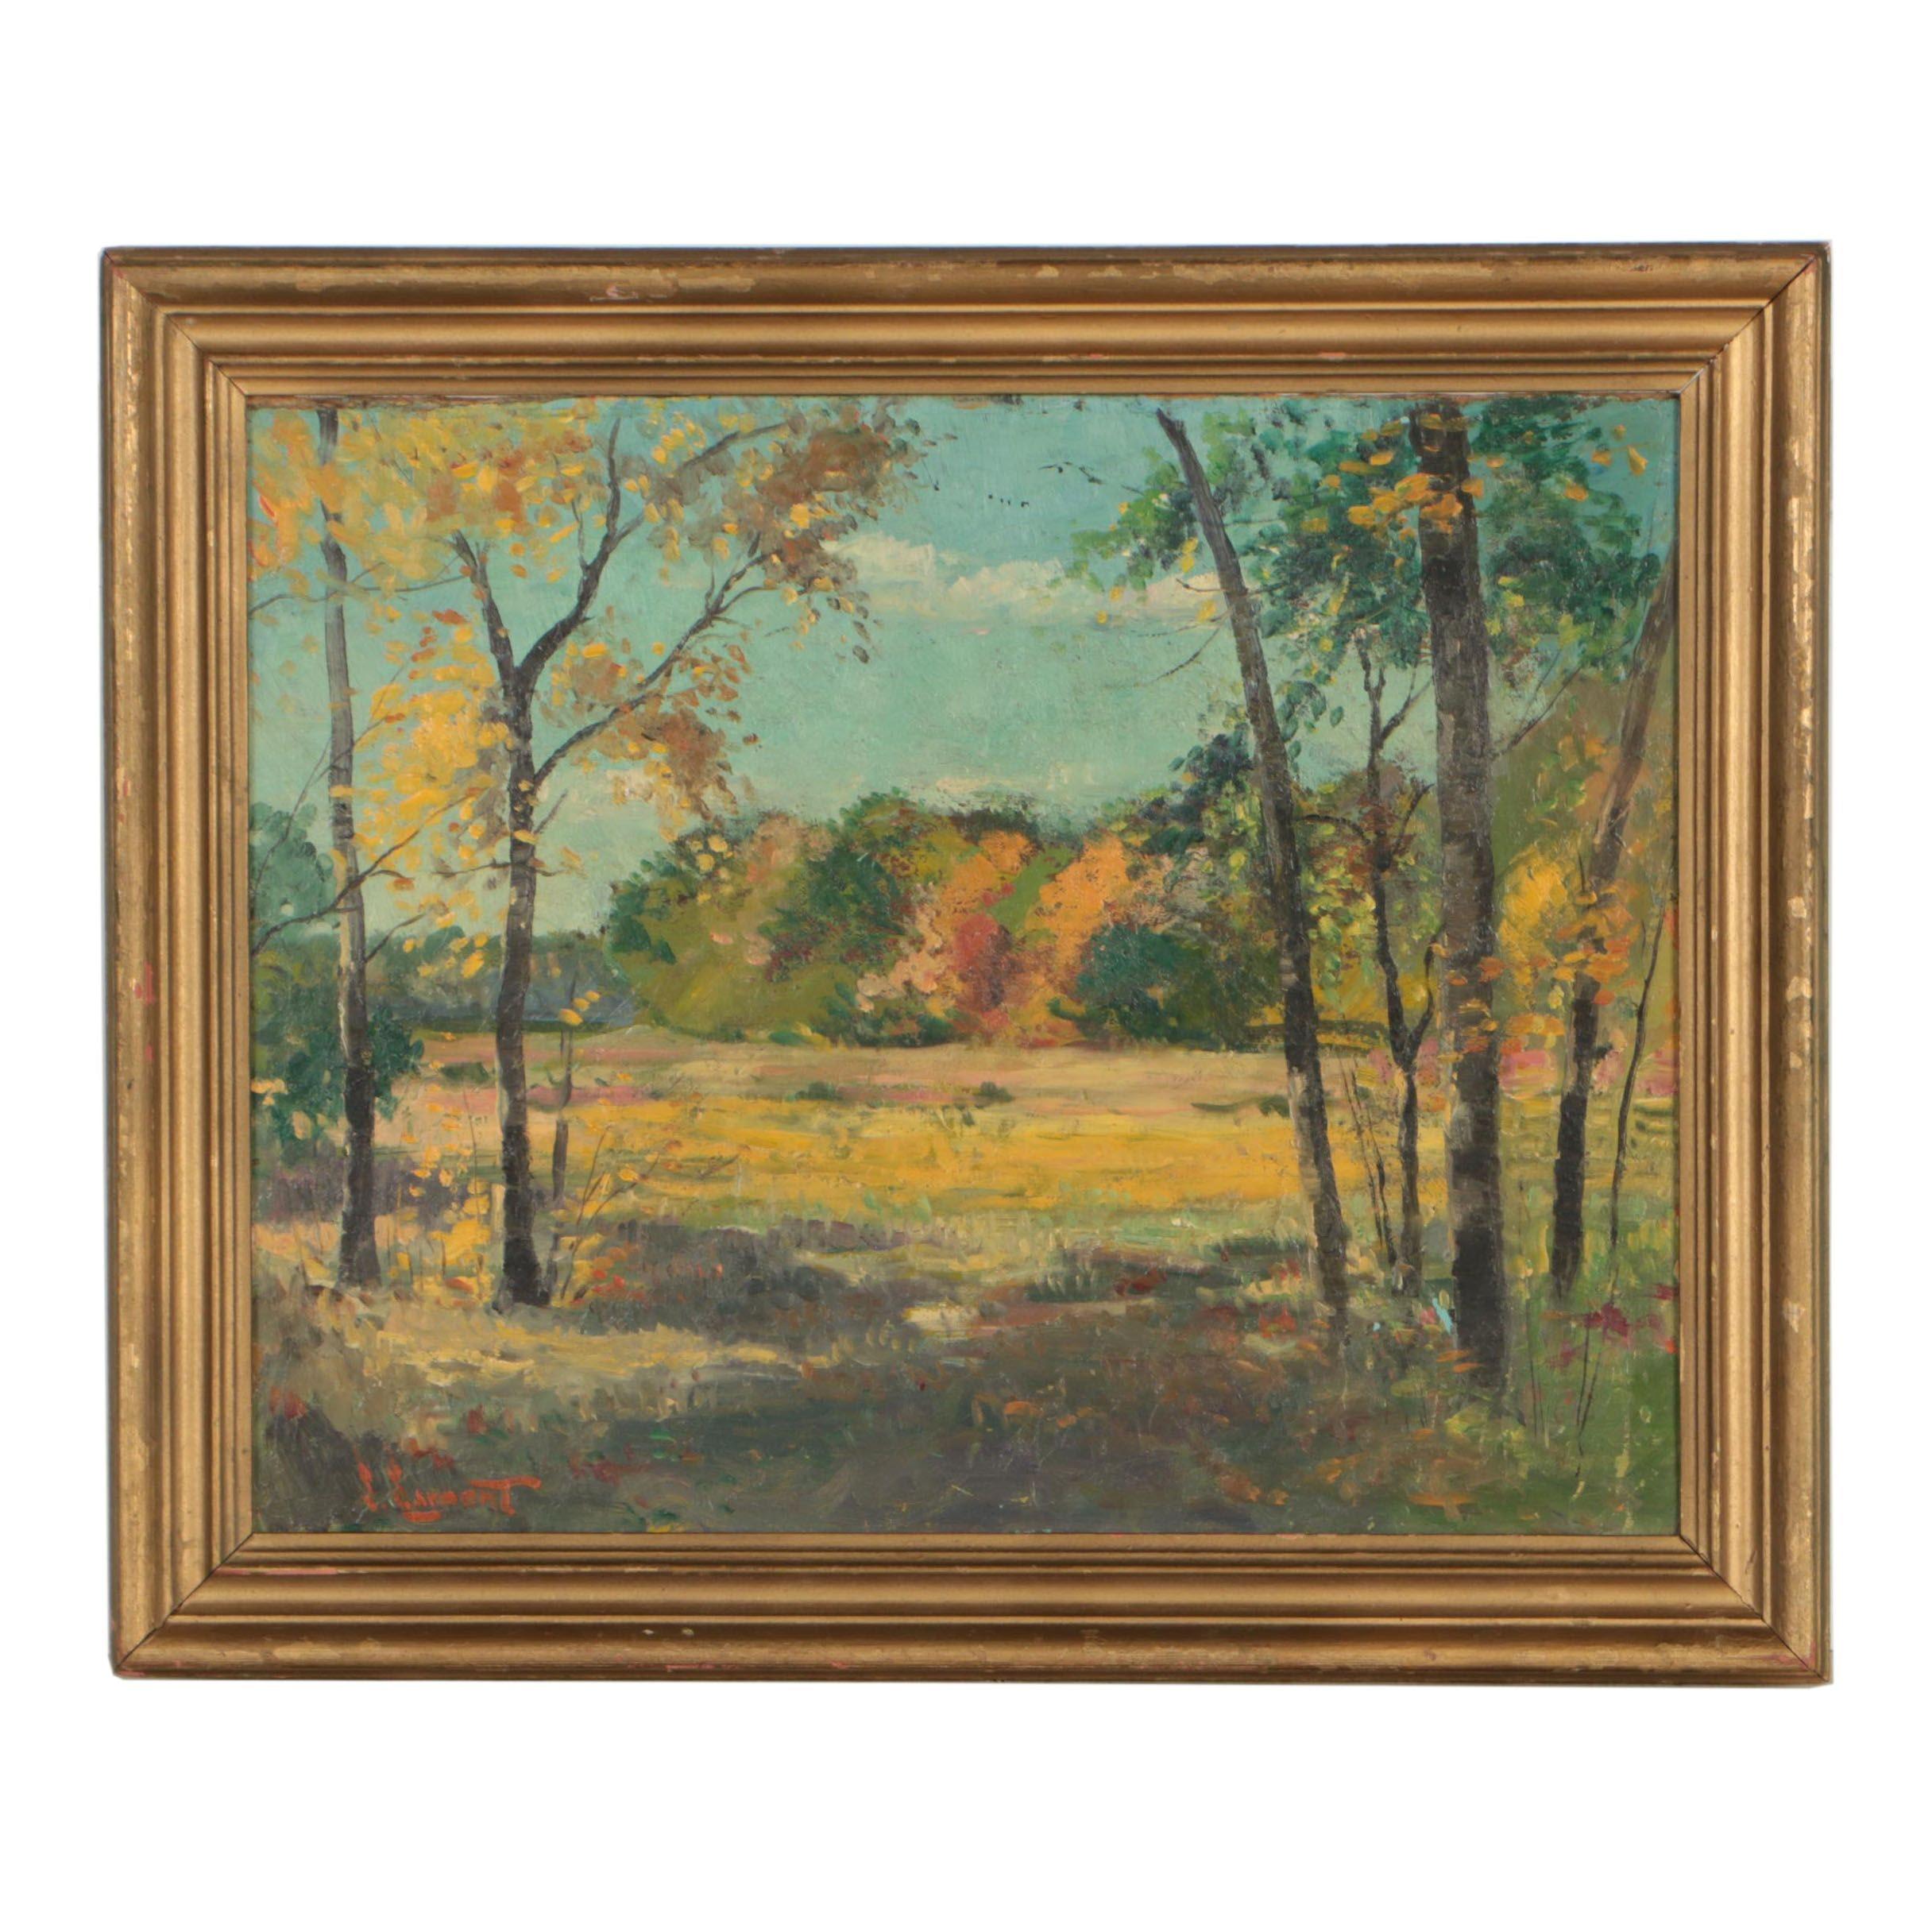 S. Sargent Landscape Oil Painting